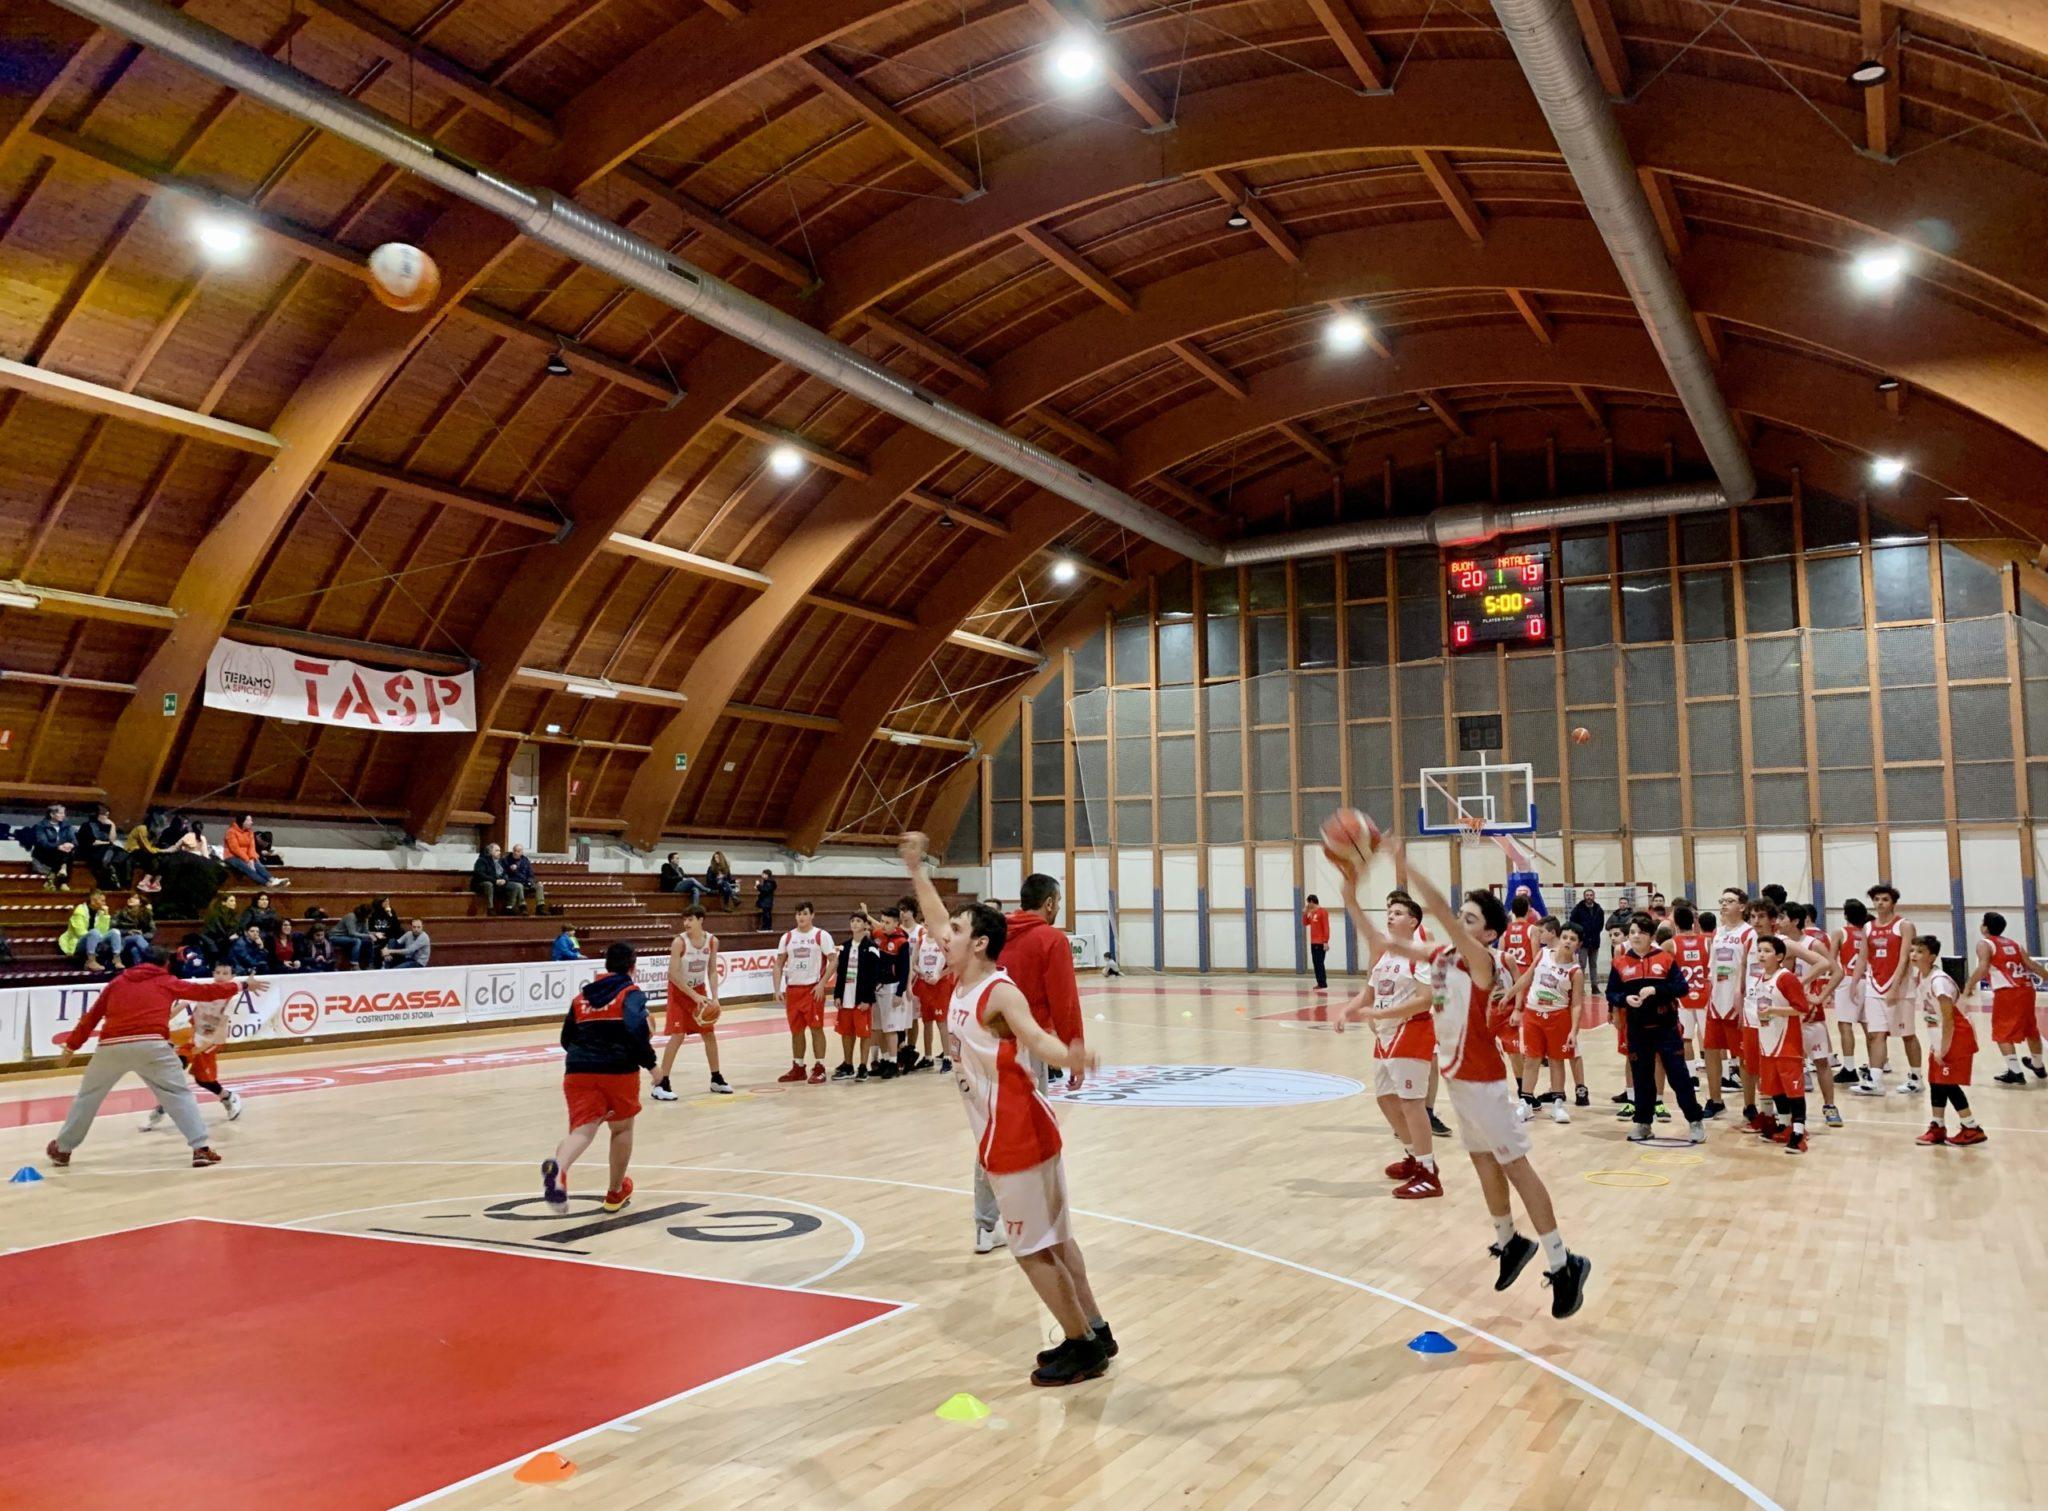 Teramo a Spicchi, riprendono le attività gli atleti della Scuola Pallacanestro TaSp Young